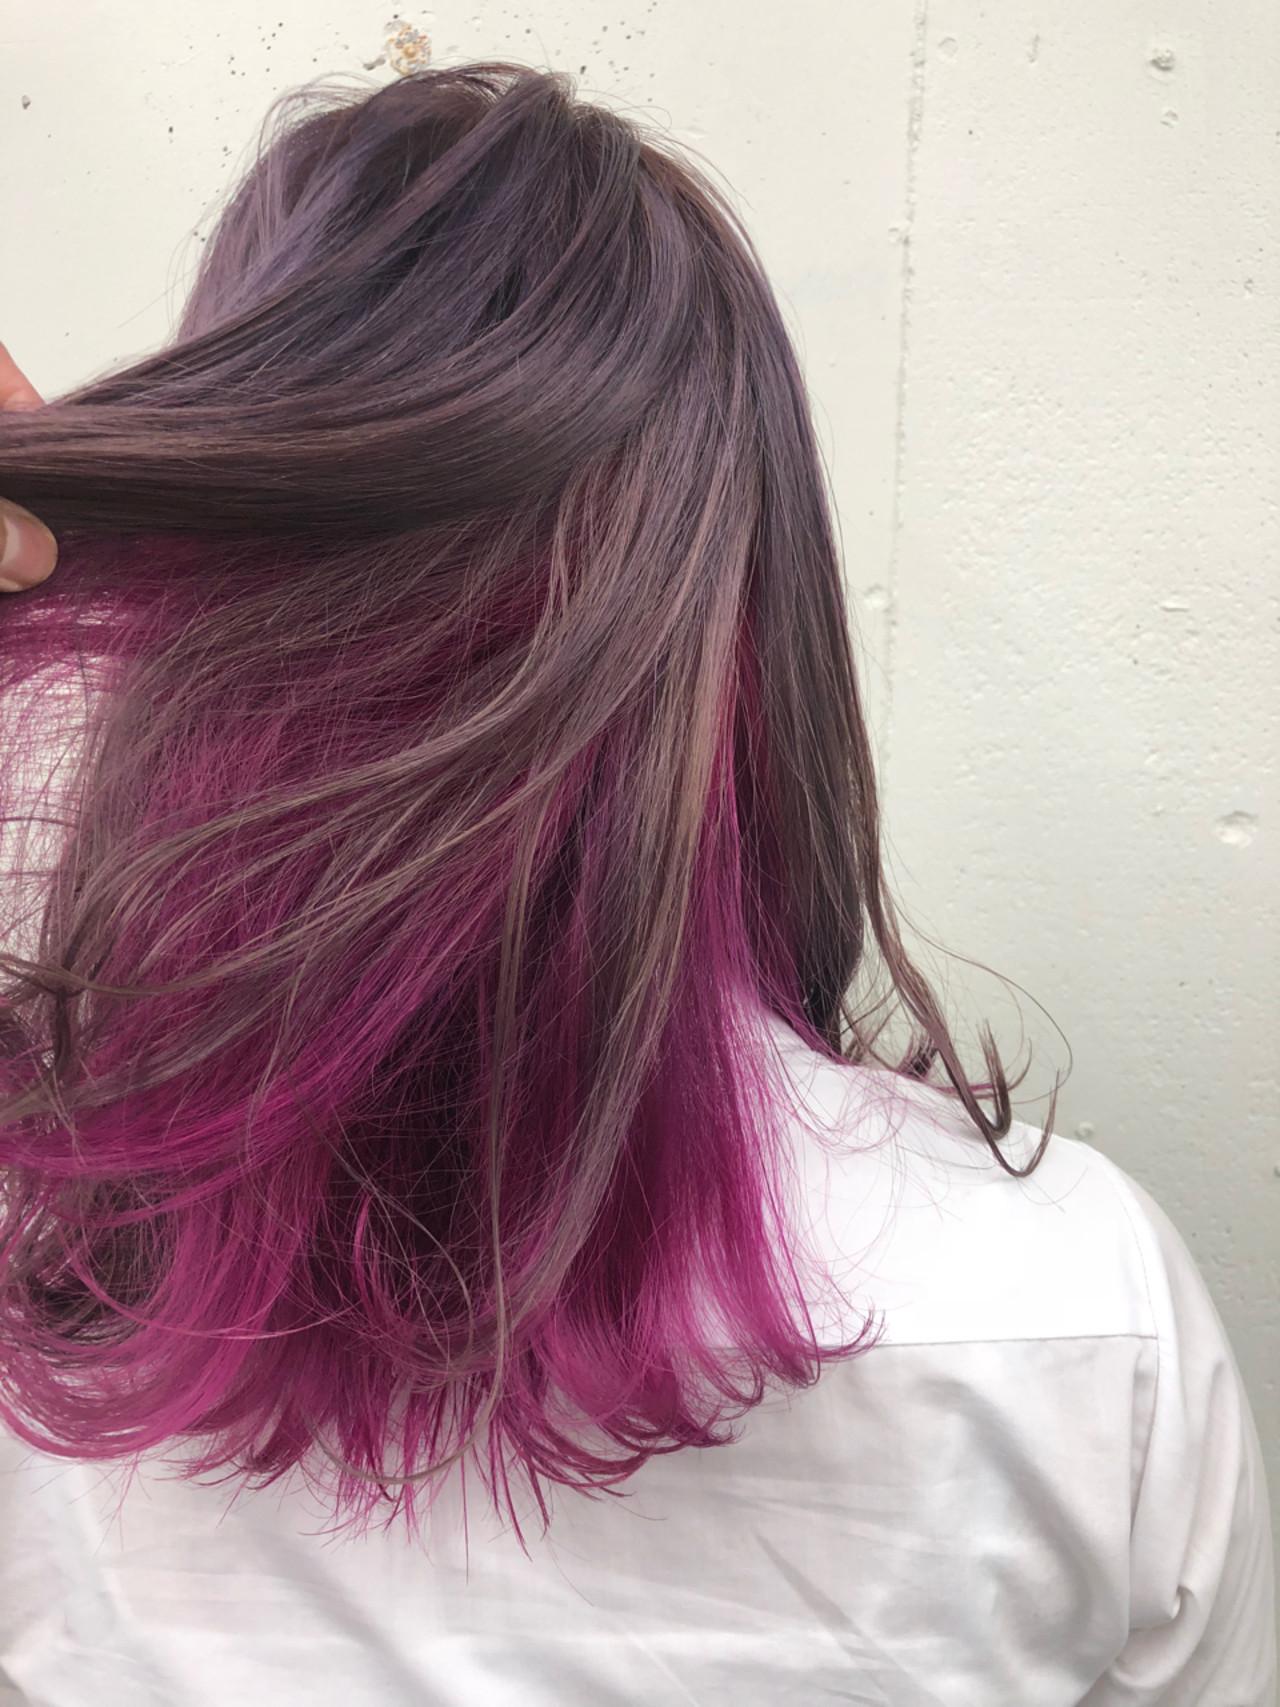 レッド ストリート ブリーチ ミディアム ヘアスタイルや髪型の写真・画像 | 砂川 航 / CYNDY color salon